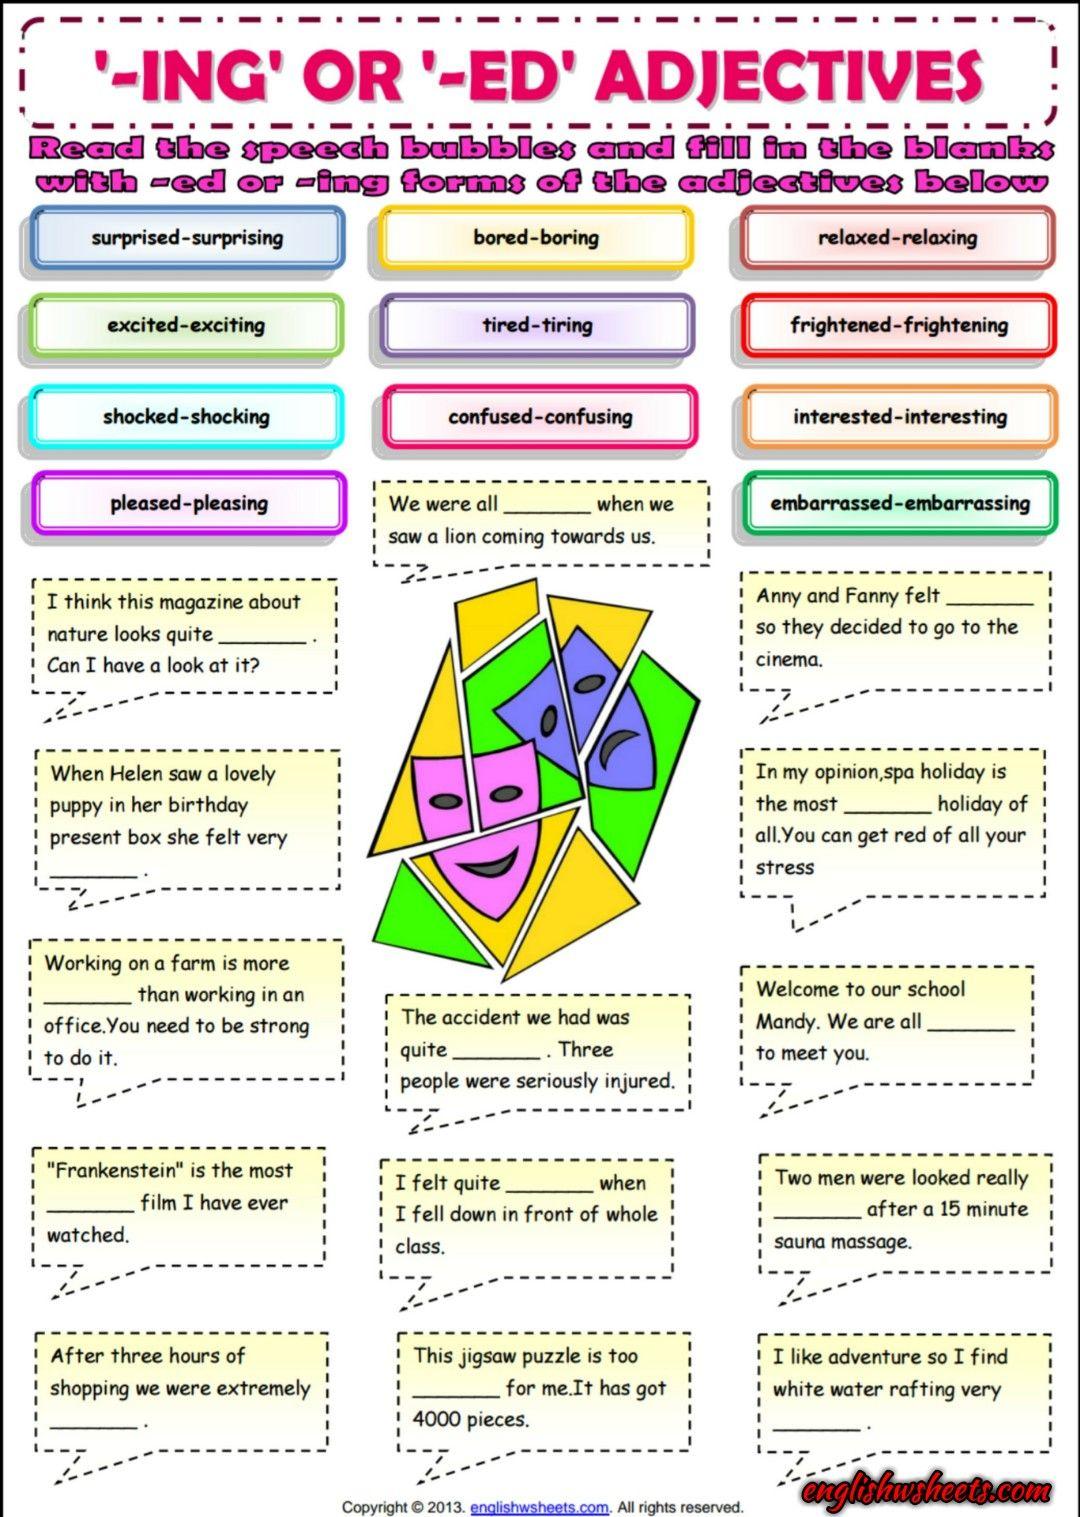 worksheet Ed Ing Worksheets ing or ed adjectives esl grammar exercise worksheet worksheet